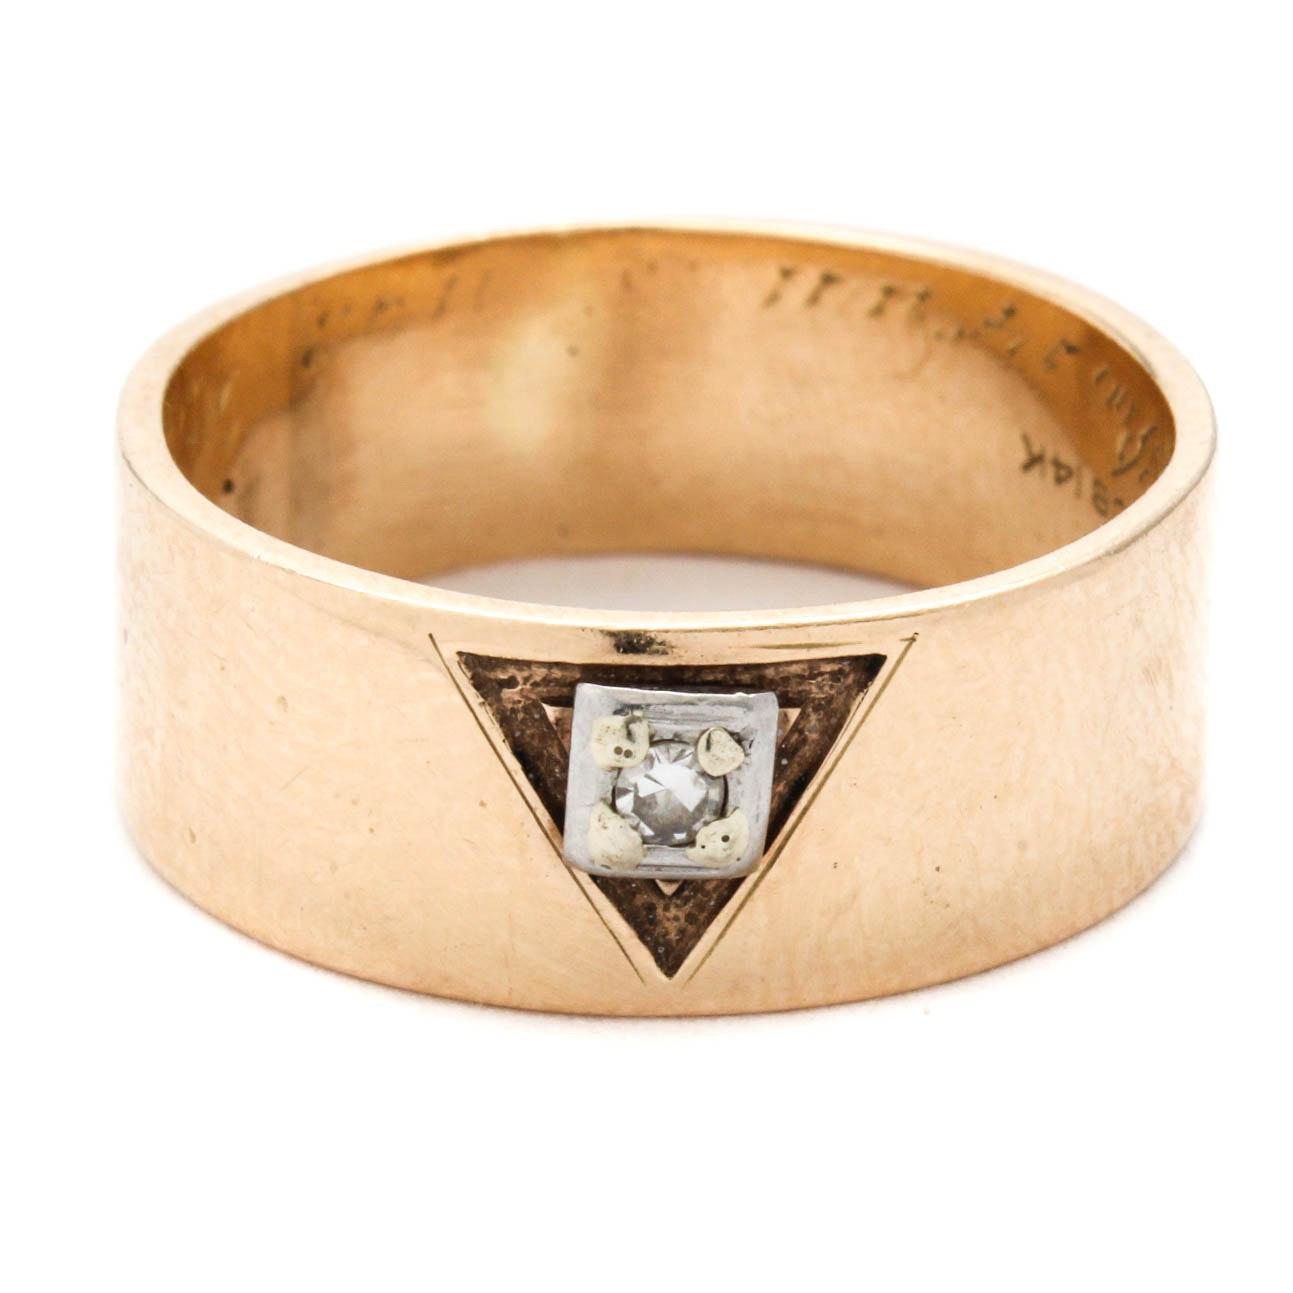 14K Yellow Gold and Diamond Scottish Rite Masonic Ring